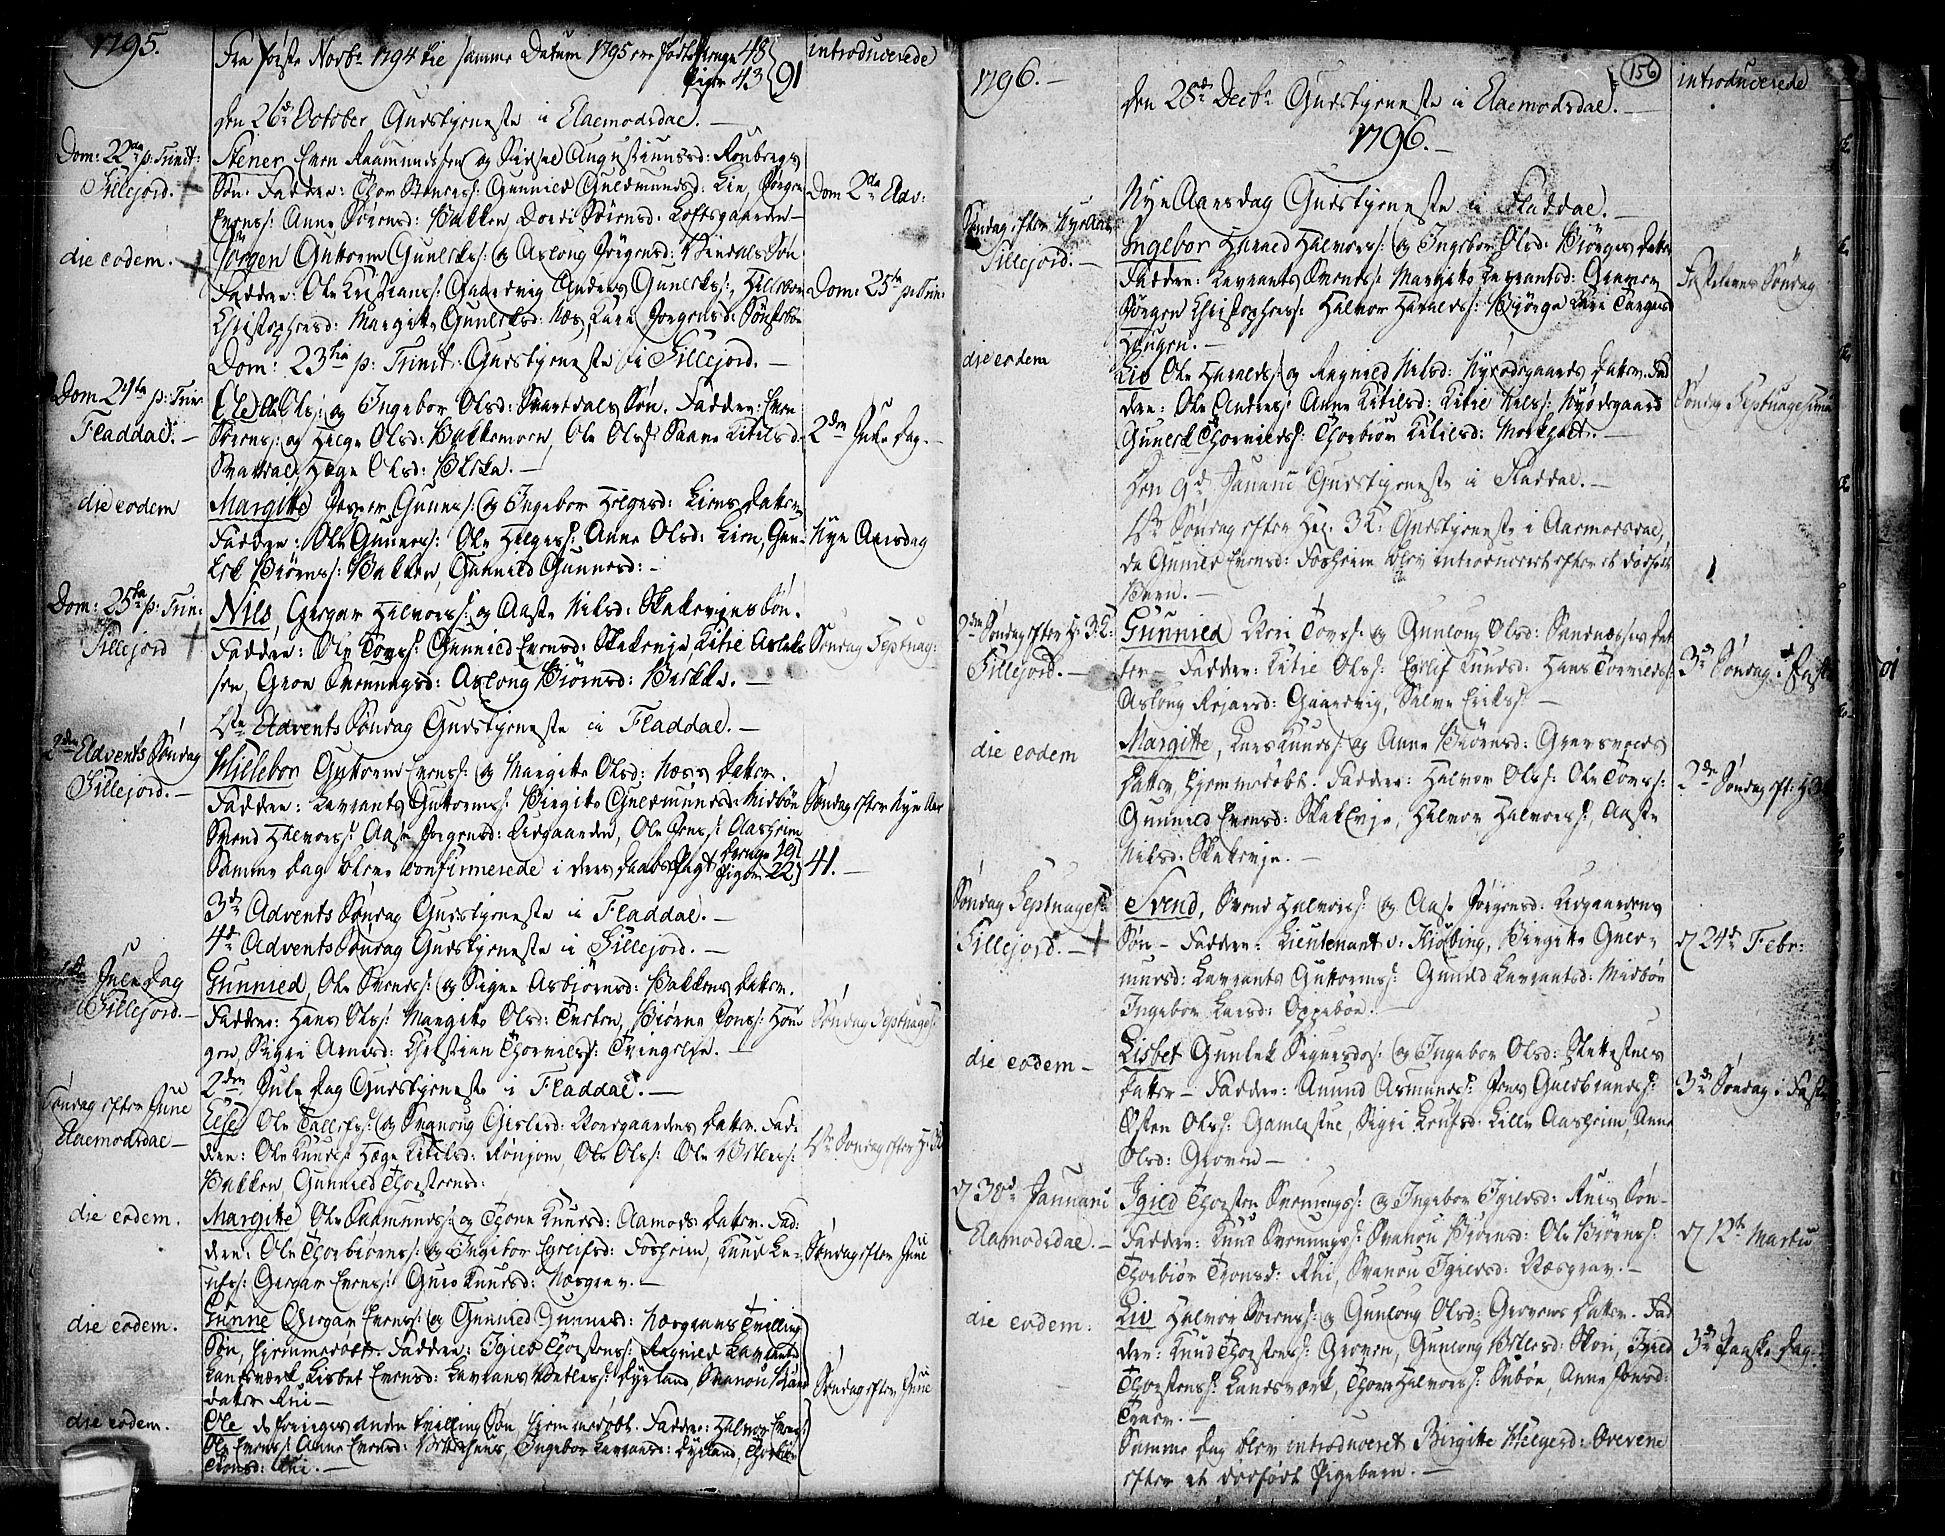 SAKO, Seljord kirkebøker, F/Fa/L0007: Ministerialbok nr. I 7, 1755-1800, s. 156